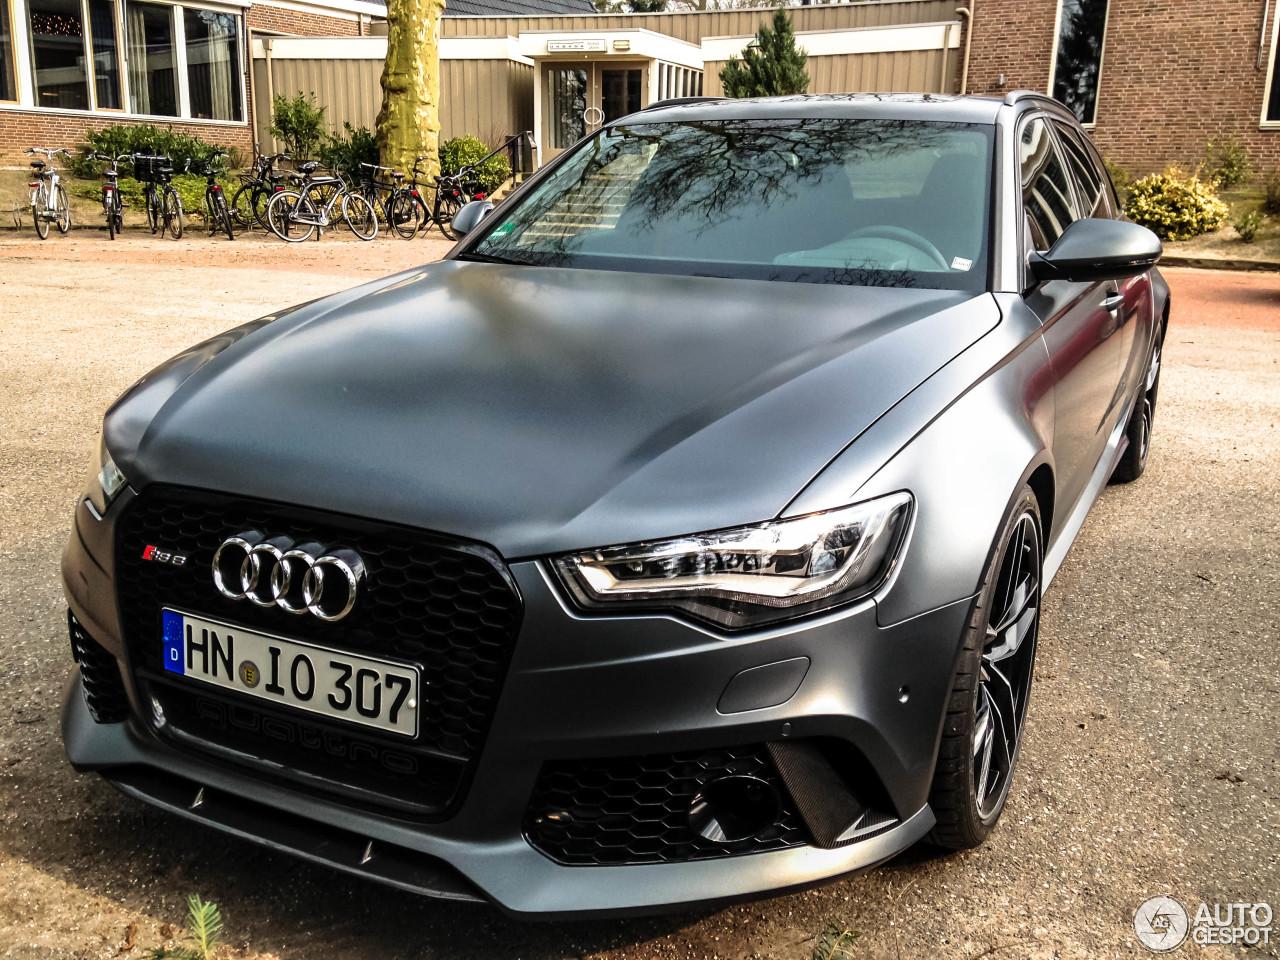 Audi Rs6 Avant C7 31 Mrz 2013 Autogespot